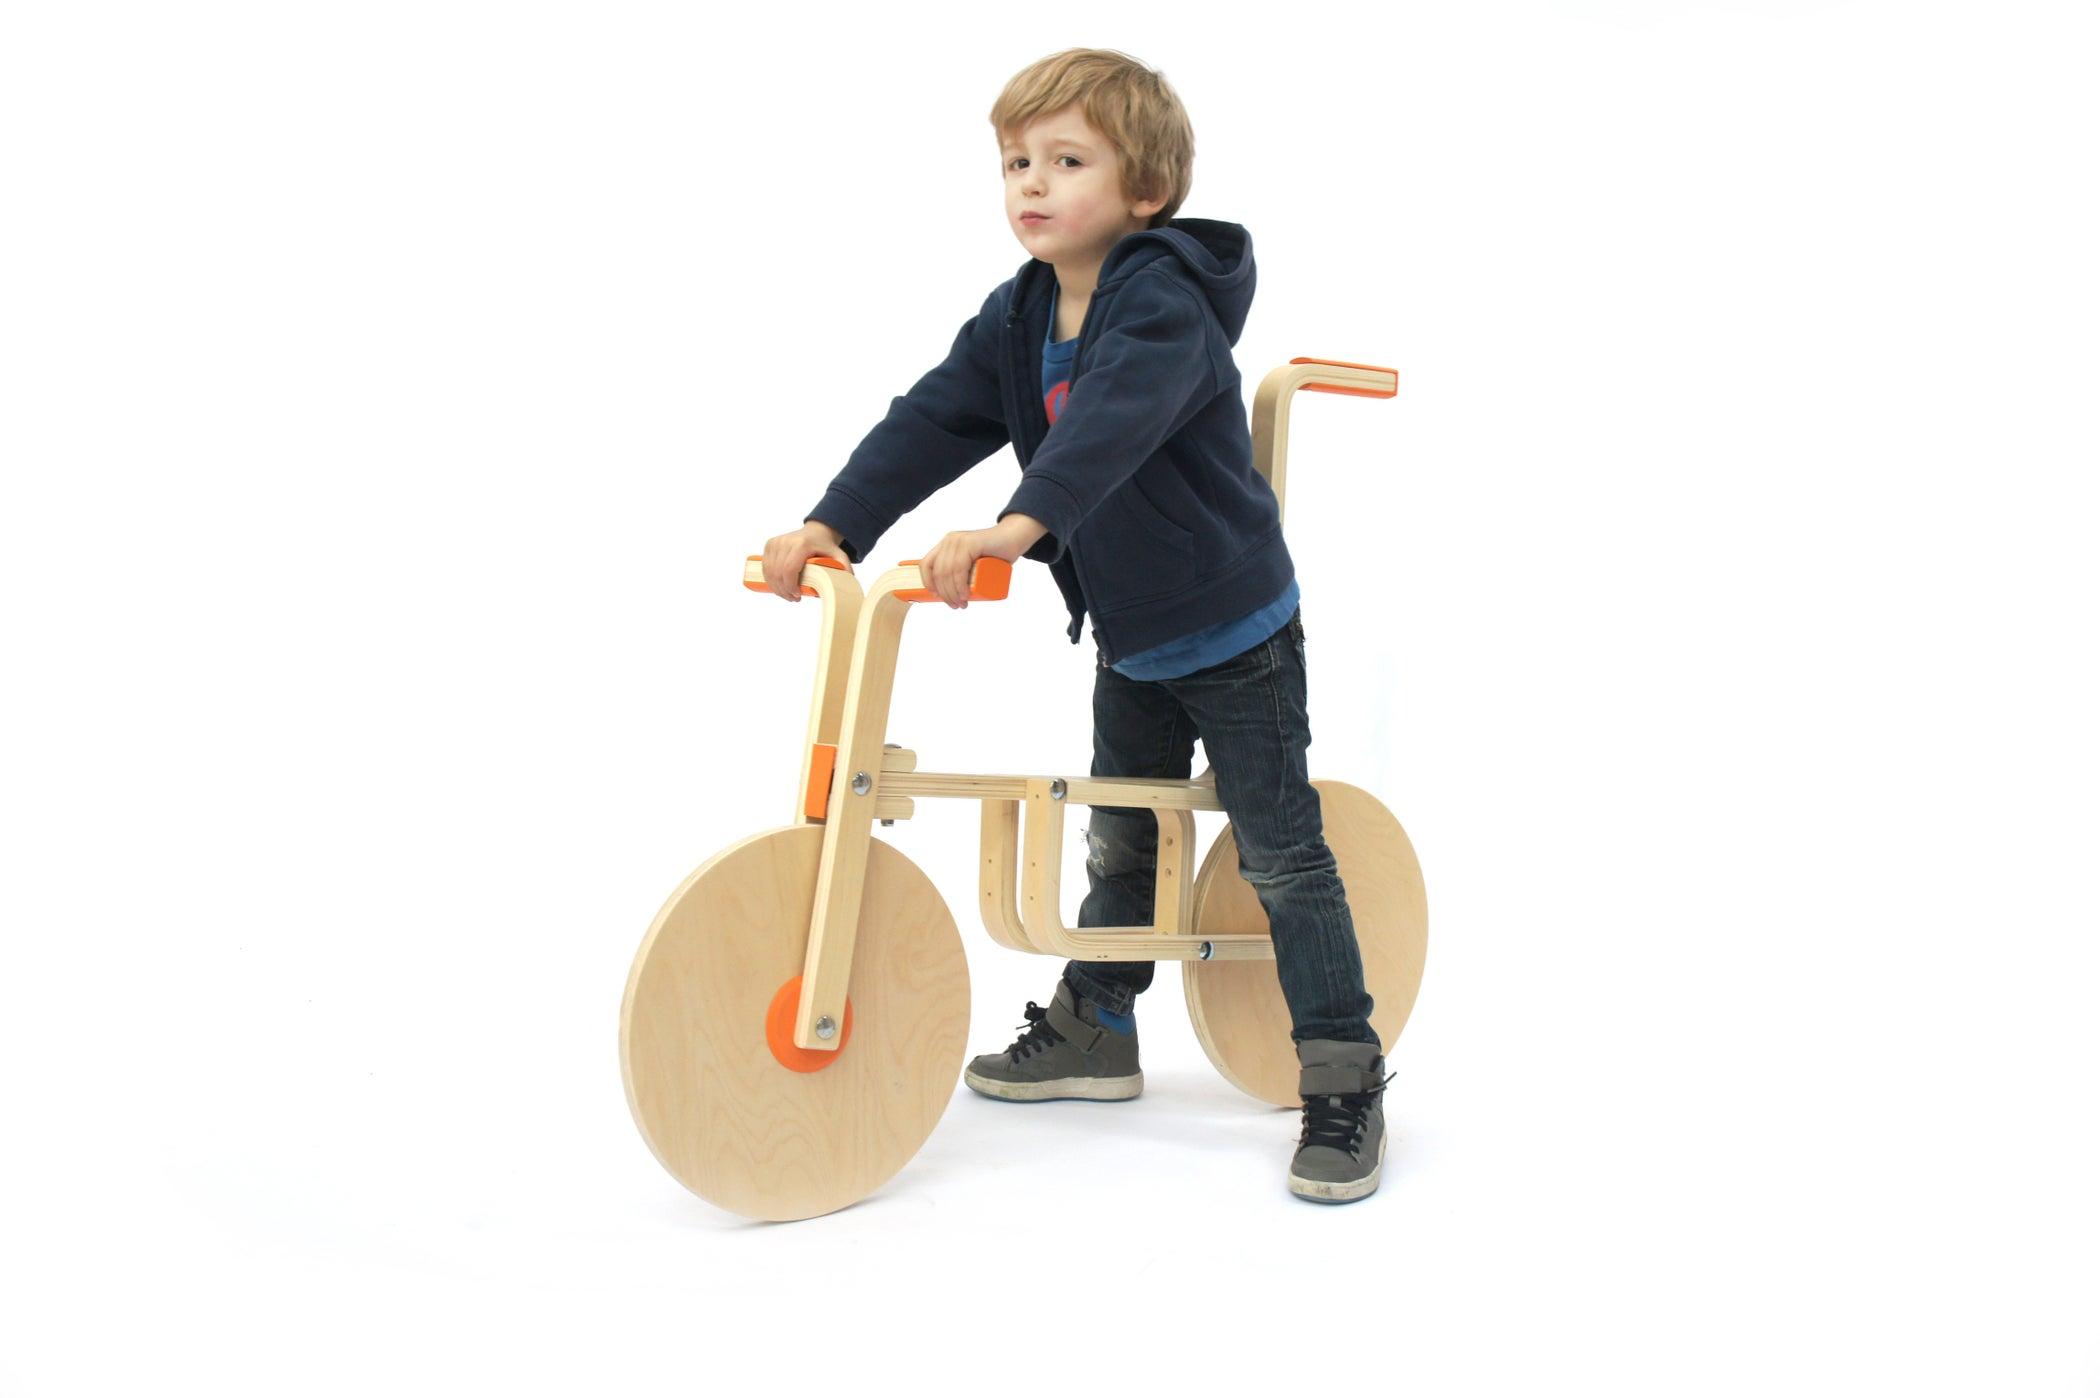 Frosta Krukje Ikea : Diy draisienne hack of ikeas frosta stool by andreas bhend and